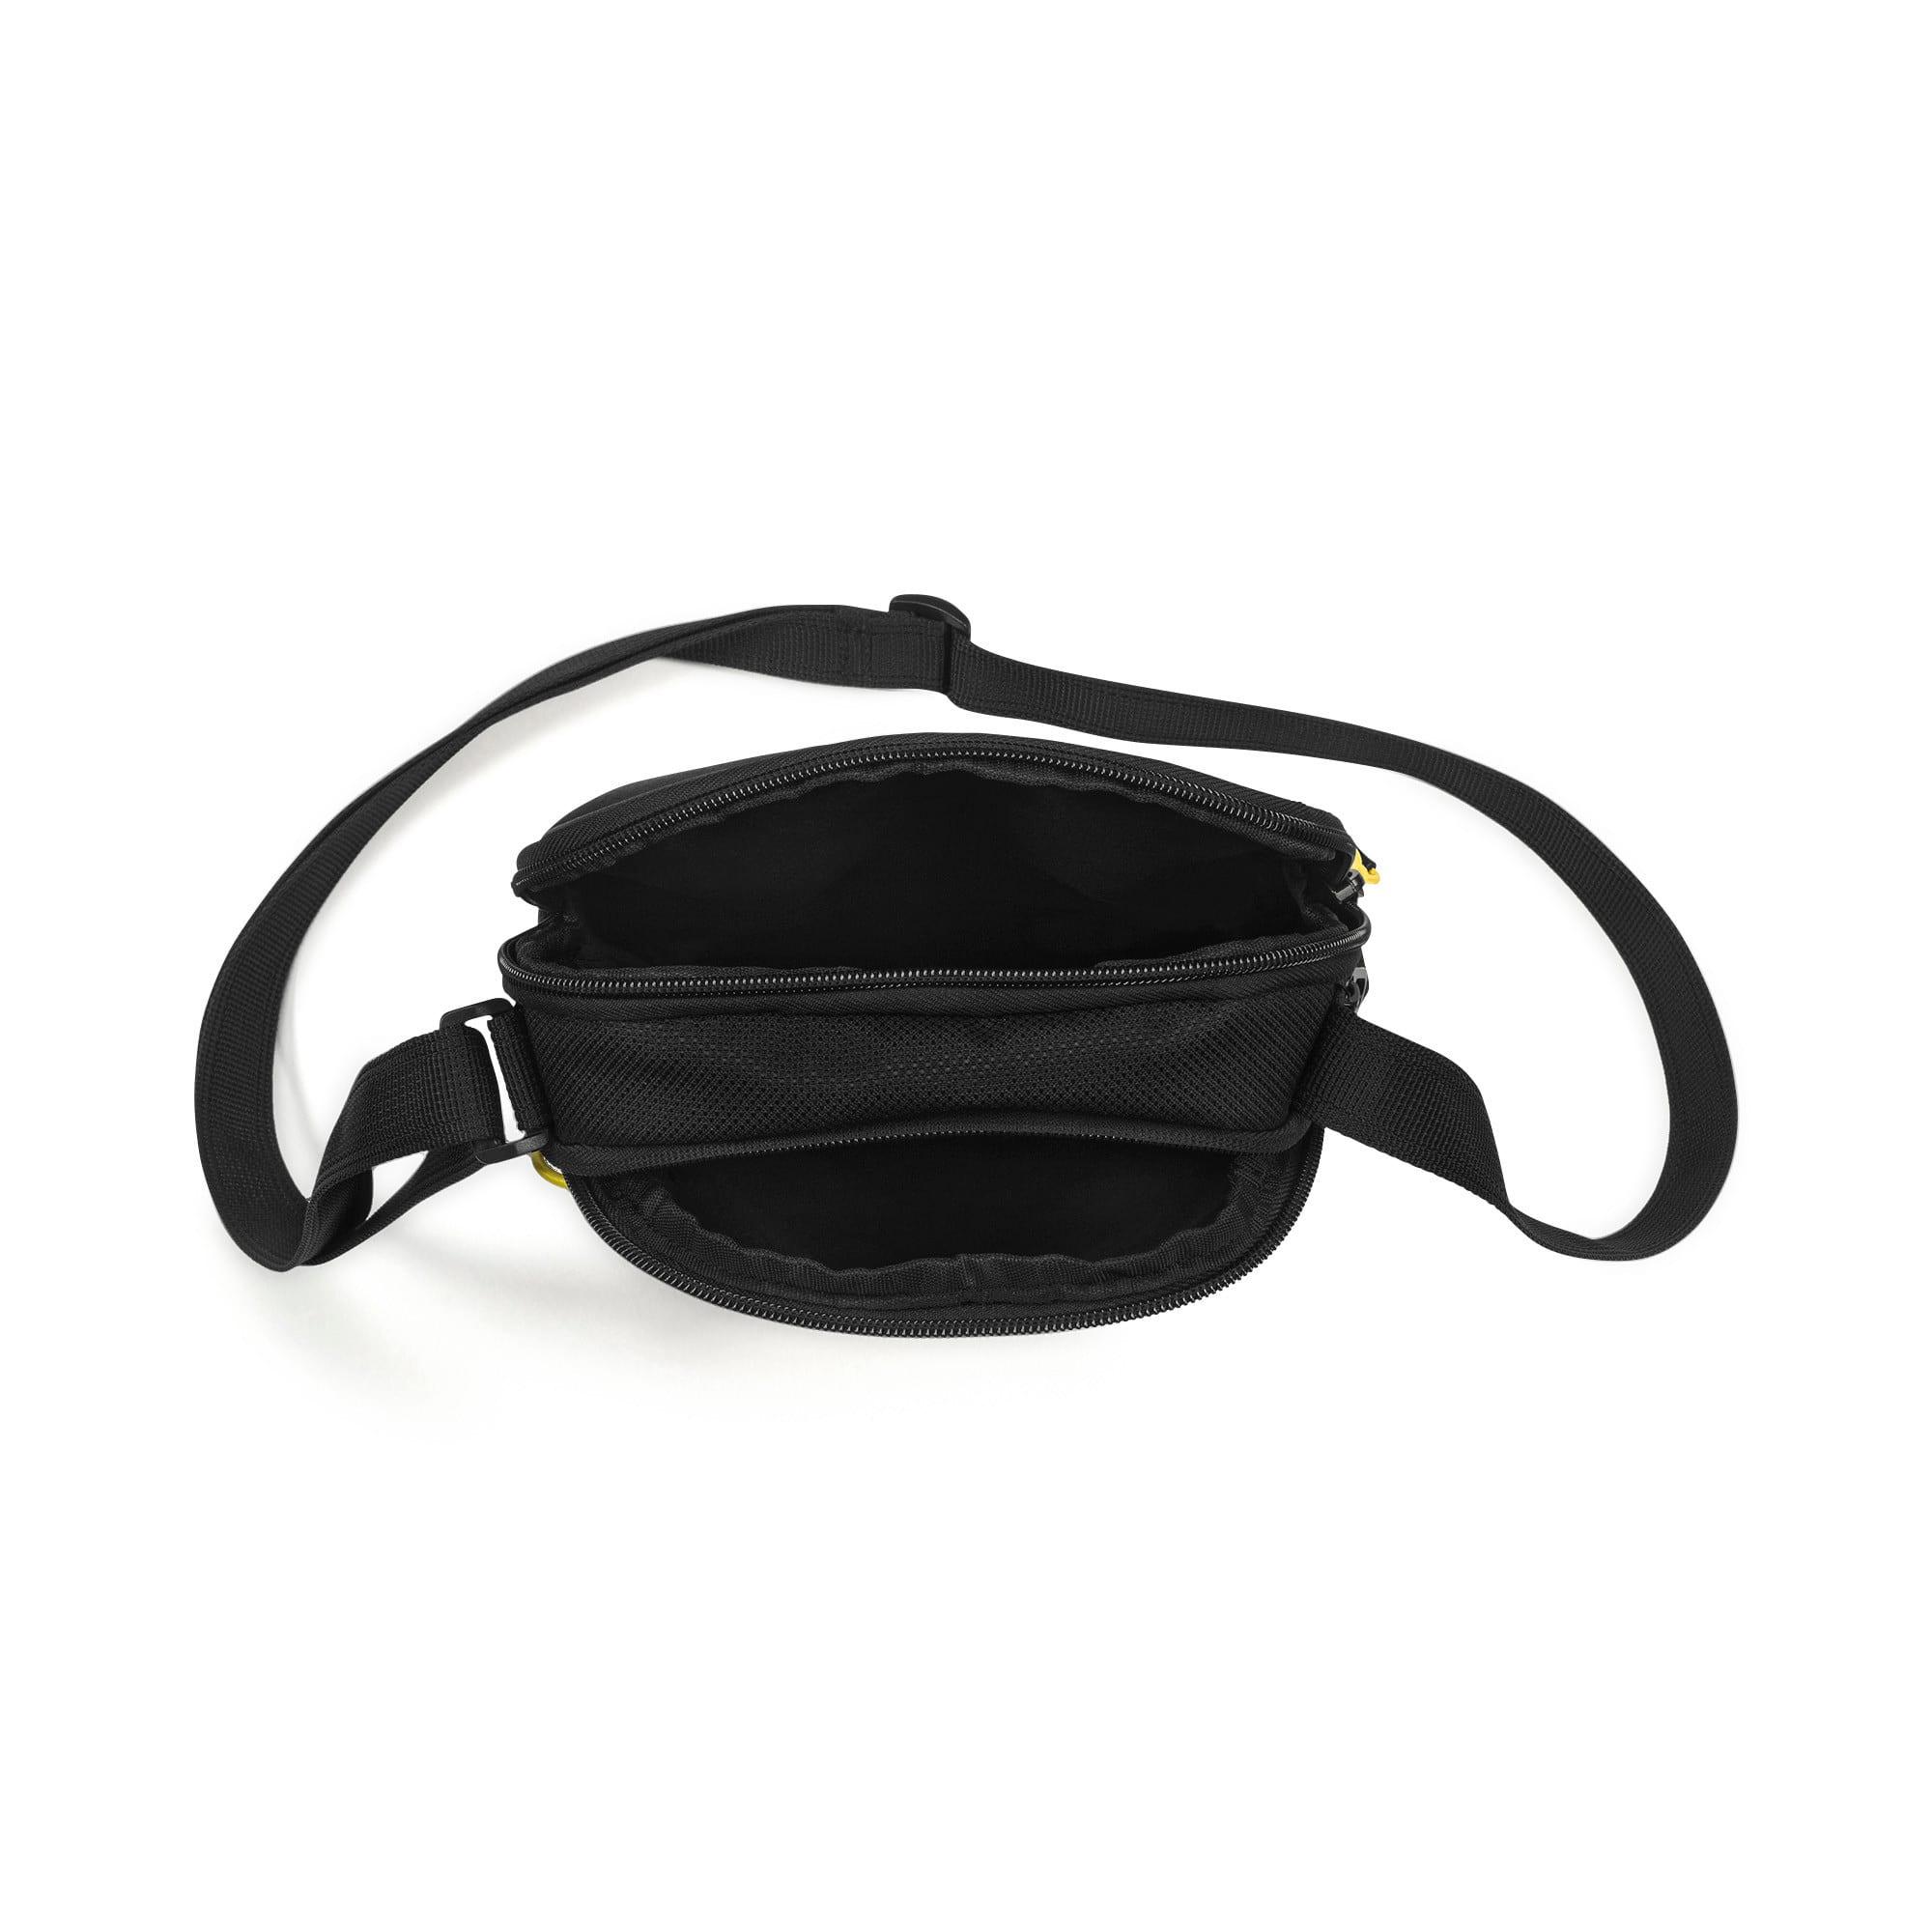 Thumbnail 3 of PUMA x Ferrari Fanware Portable Shoulder Bag, Puma Black, medium-IND